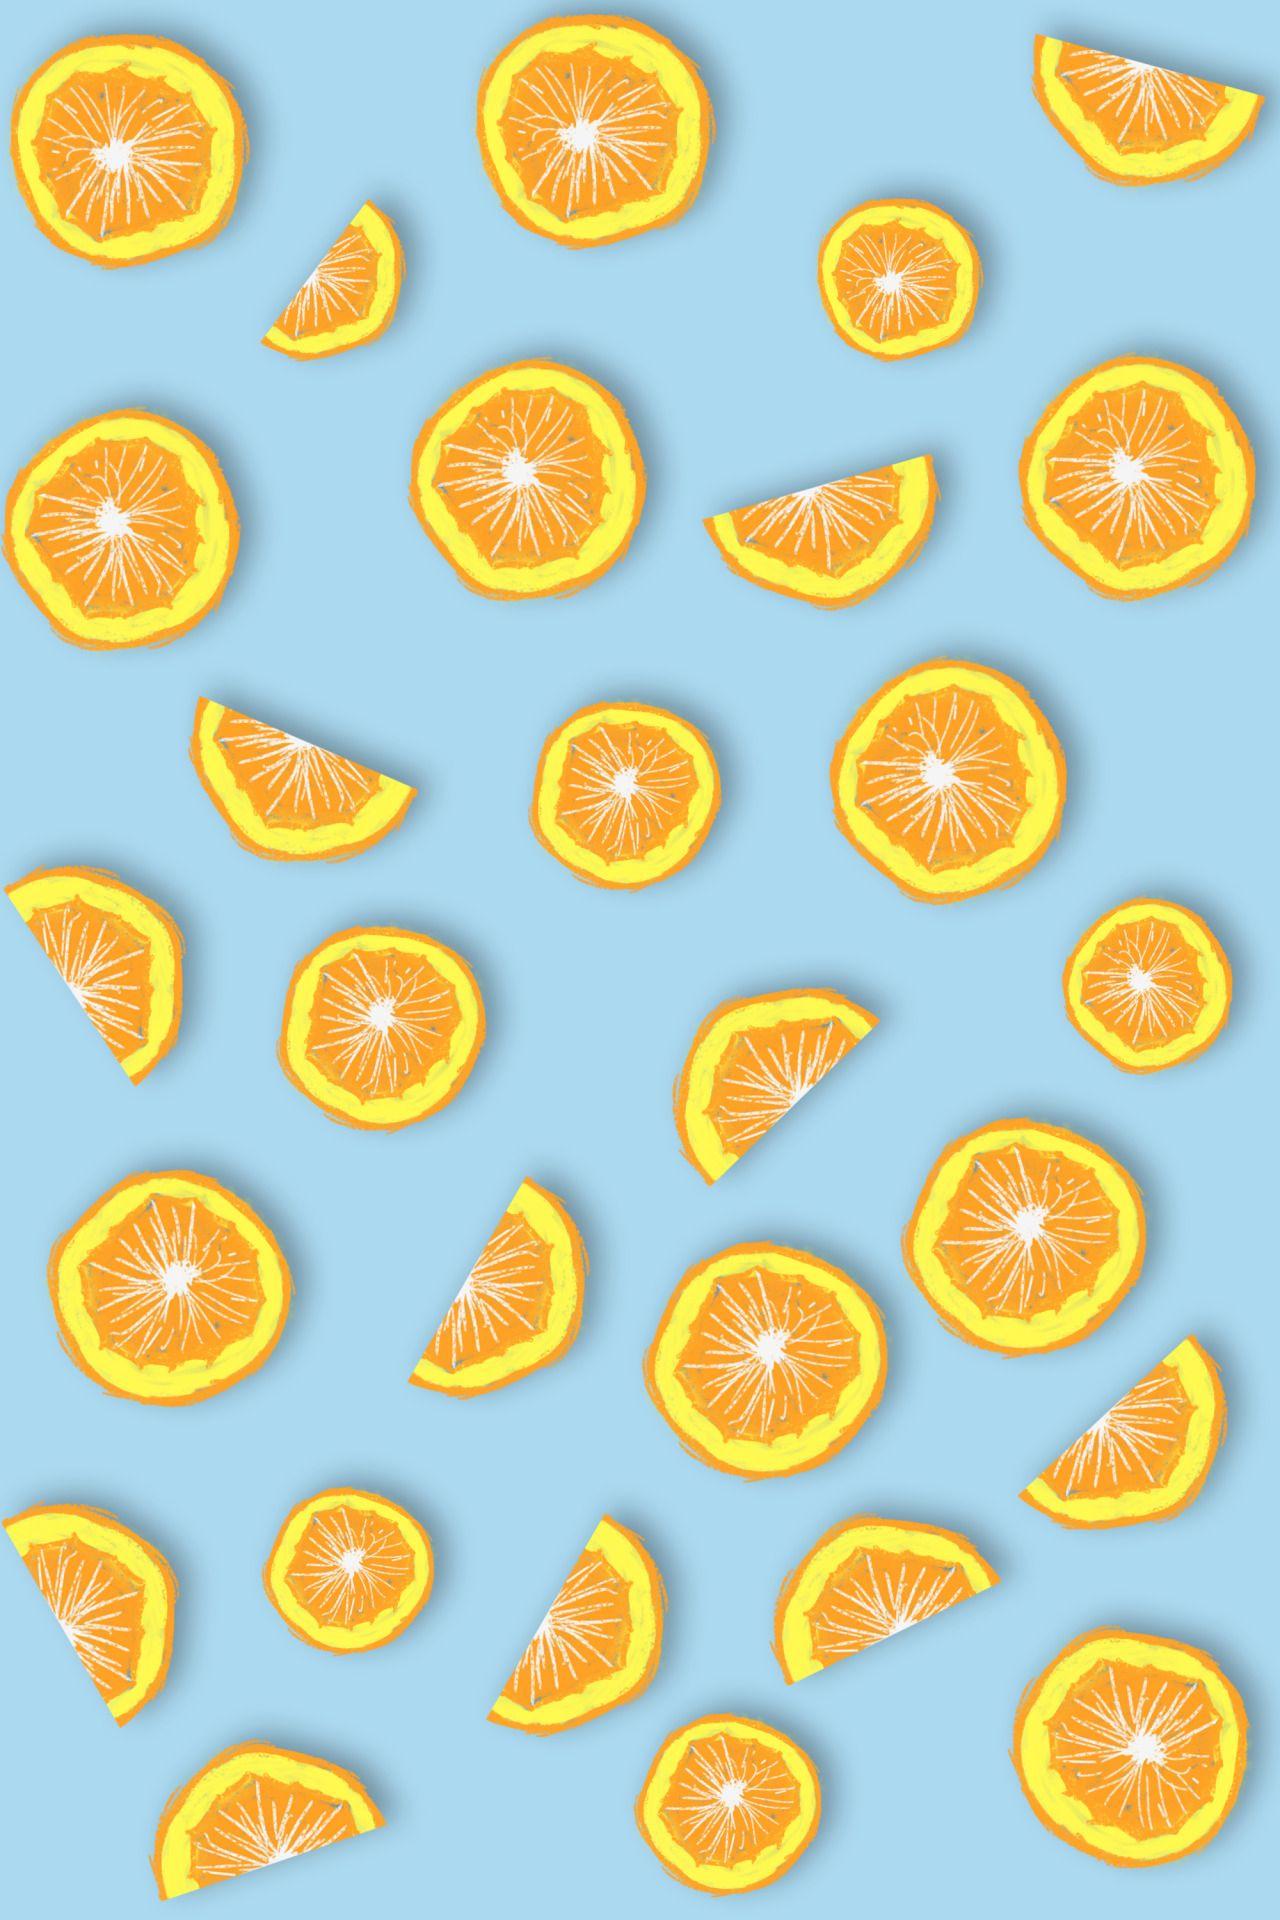 апельсины обои на телефон вертикальные